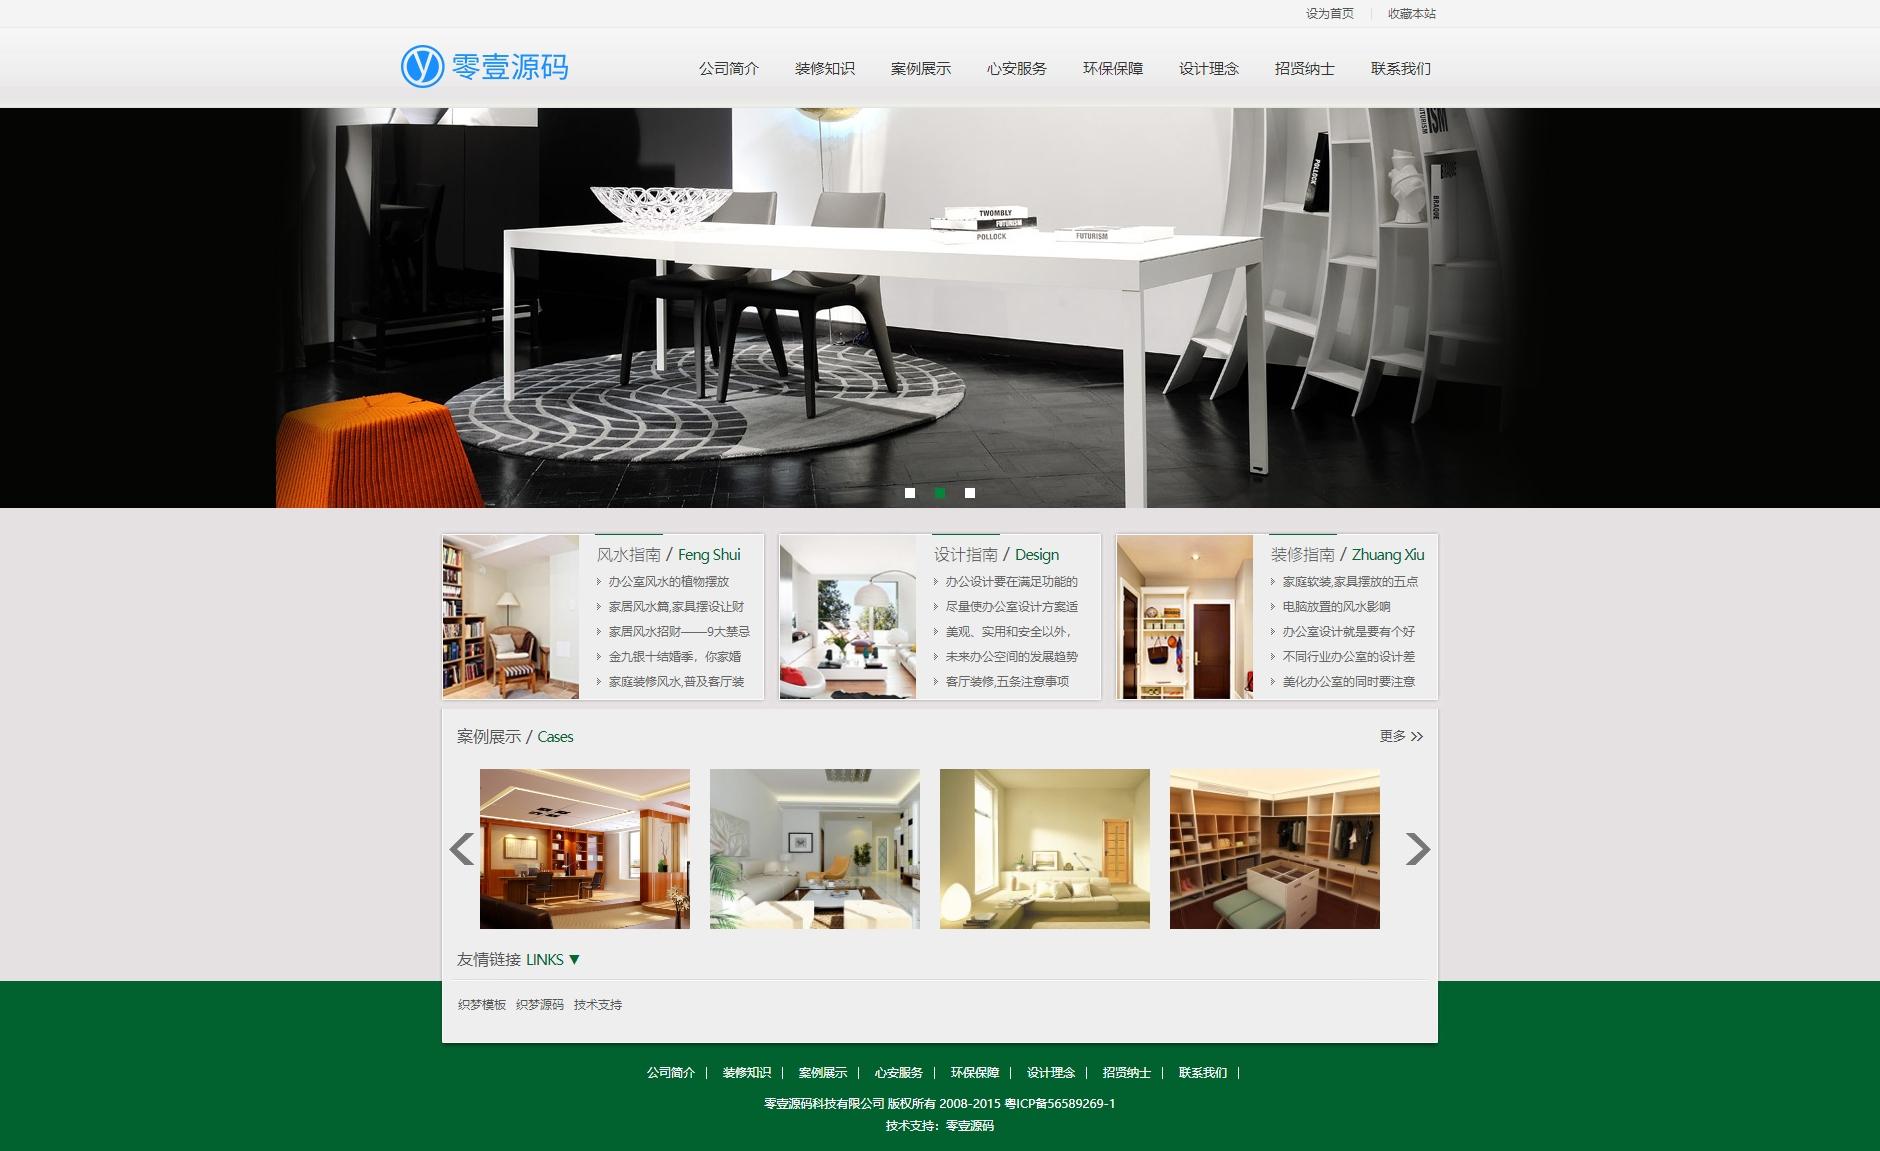 绿色家居装饰装修类企业网站织梦dedecms模板